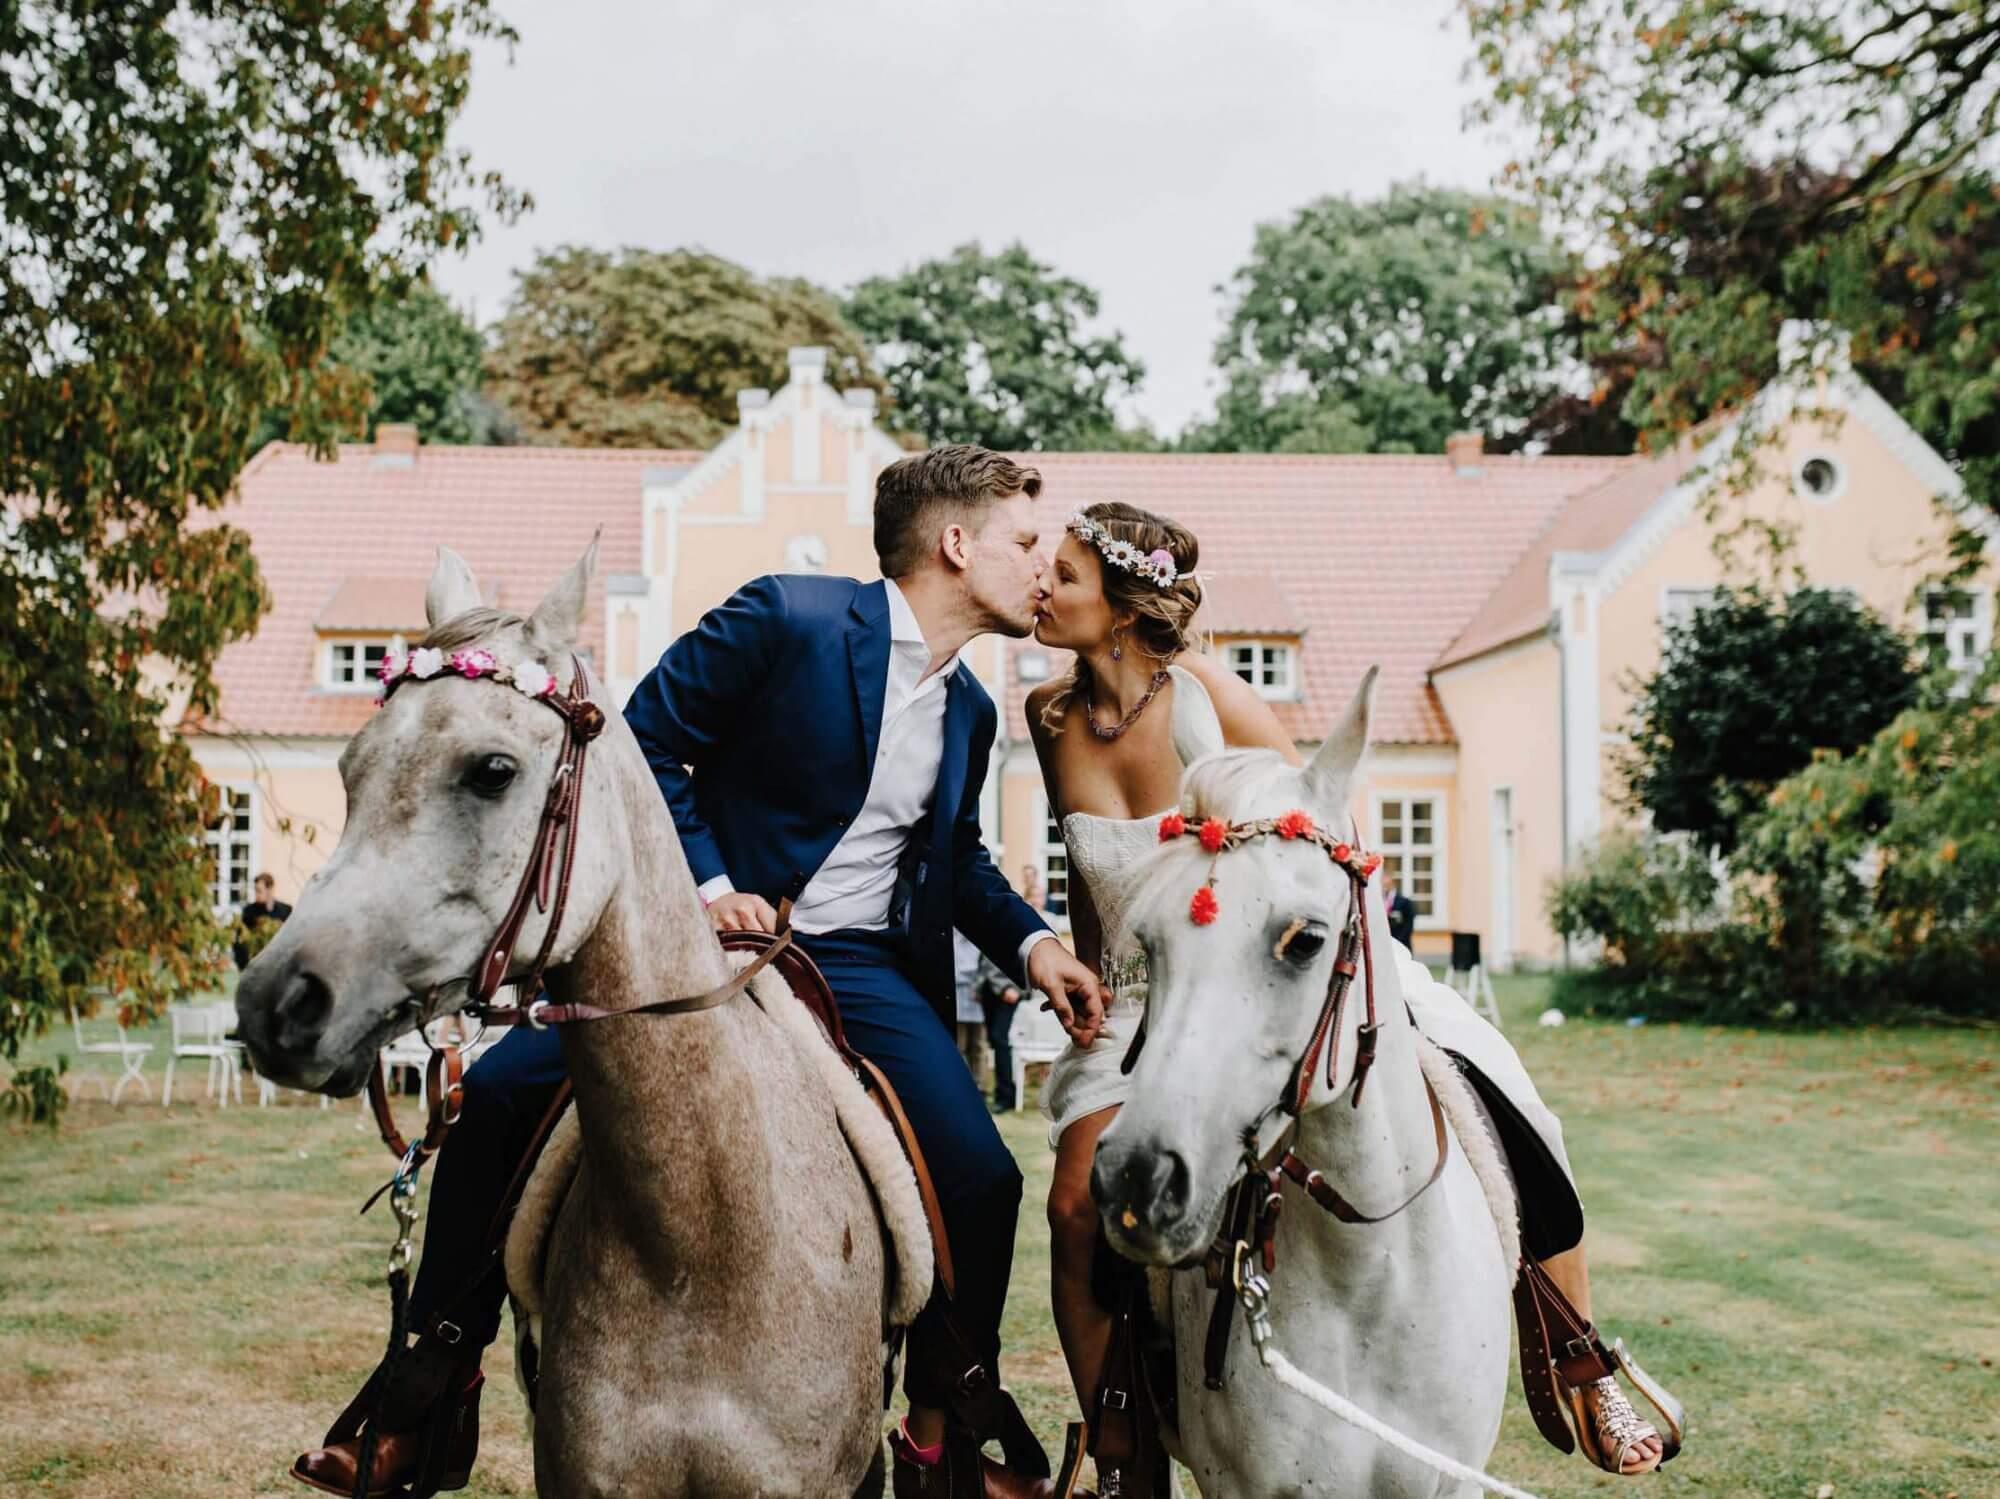 Romantische Hochzeit Location Mecklenburg Vorpommern im Gutshaus Ehmkendorf - Heiraten mit Pferd